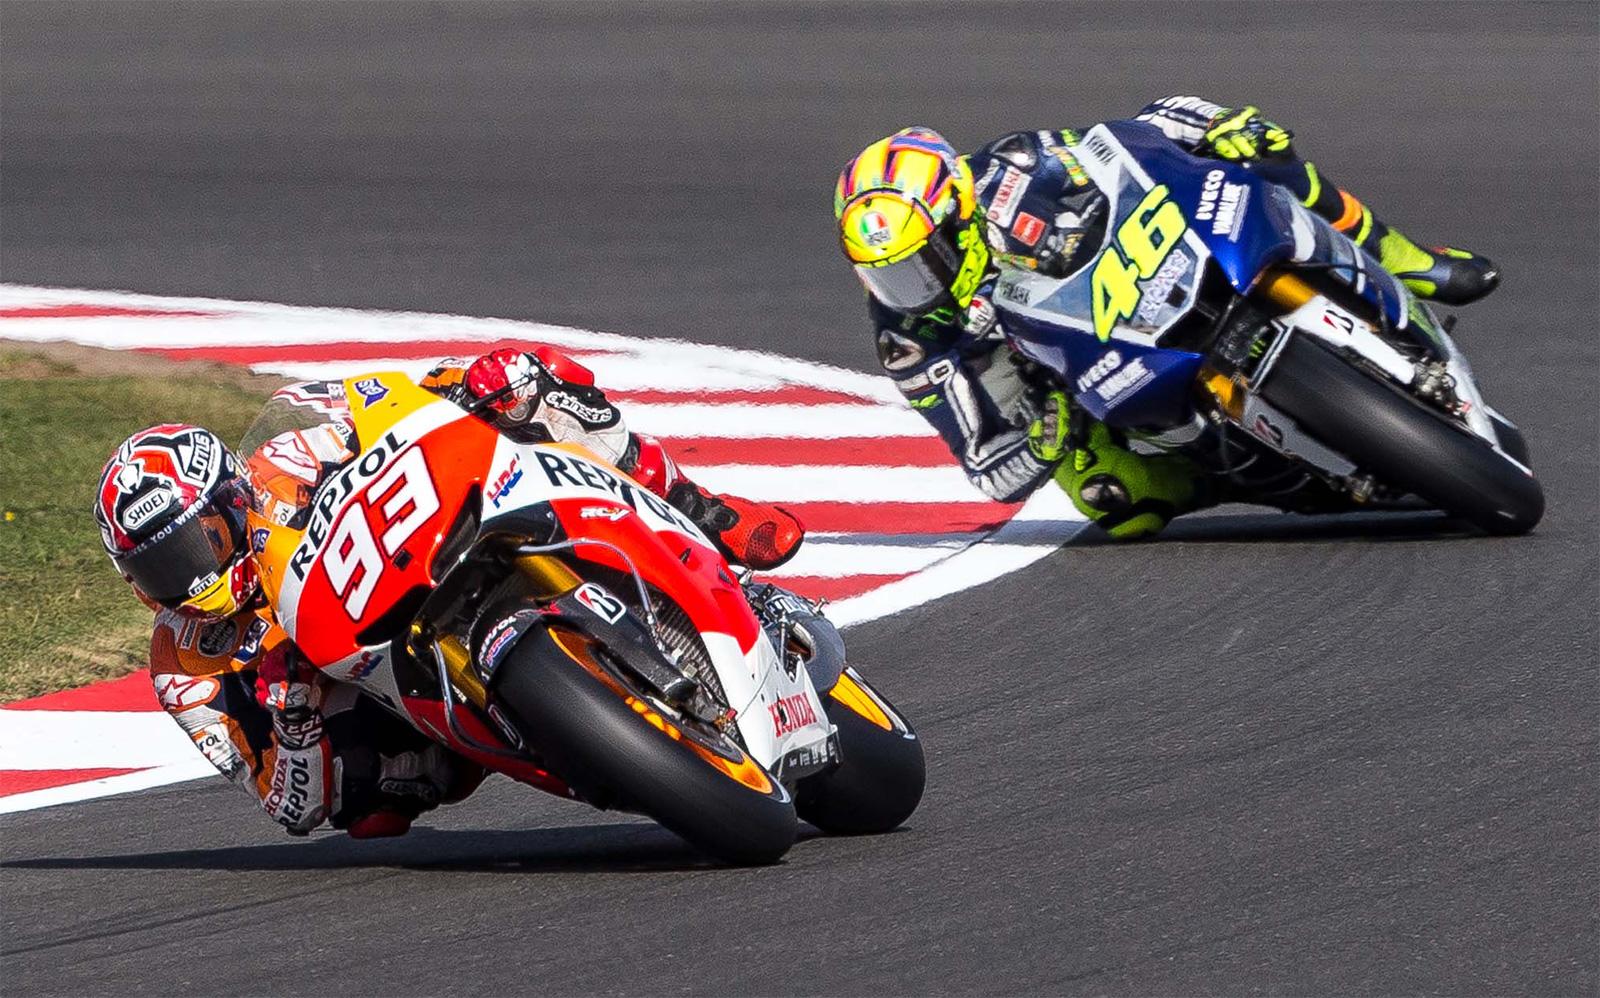 GP Moto Grande Bretagne 2014